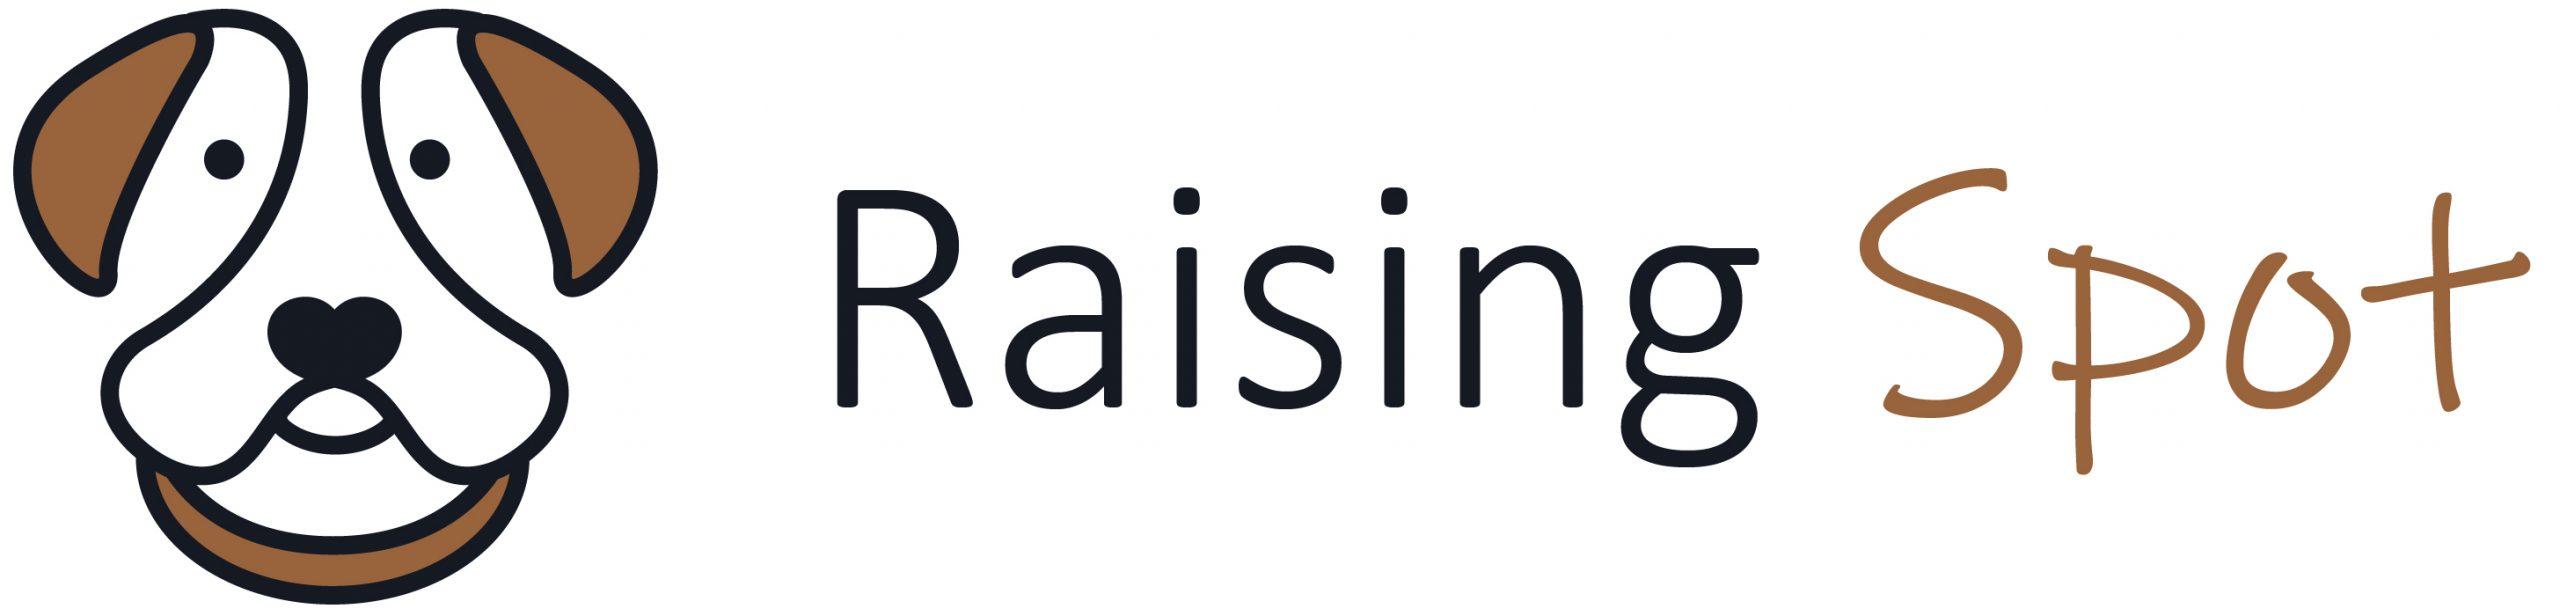 Raising Spot logo